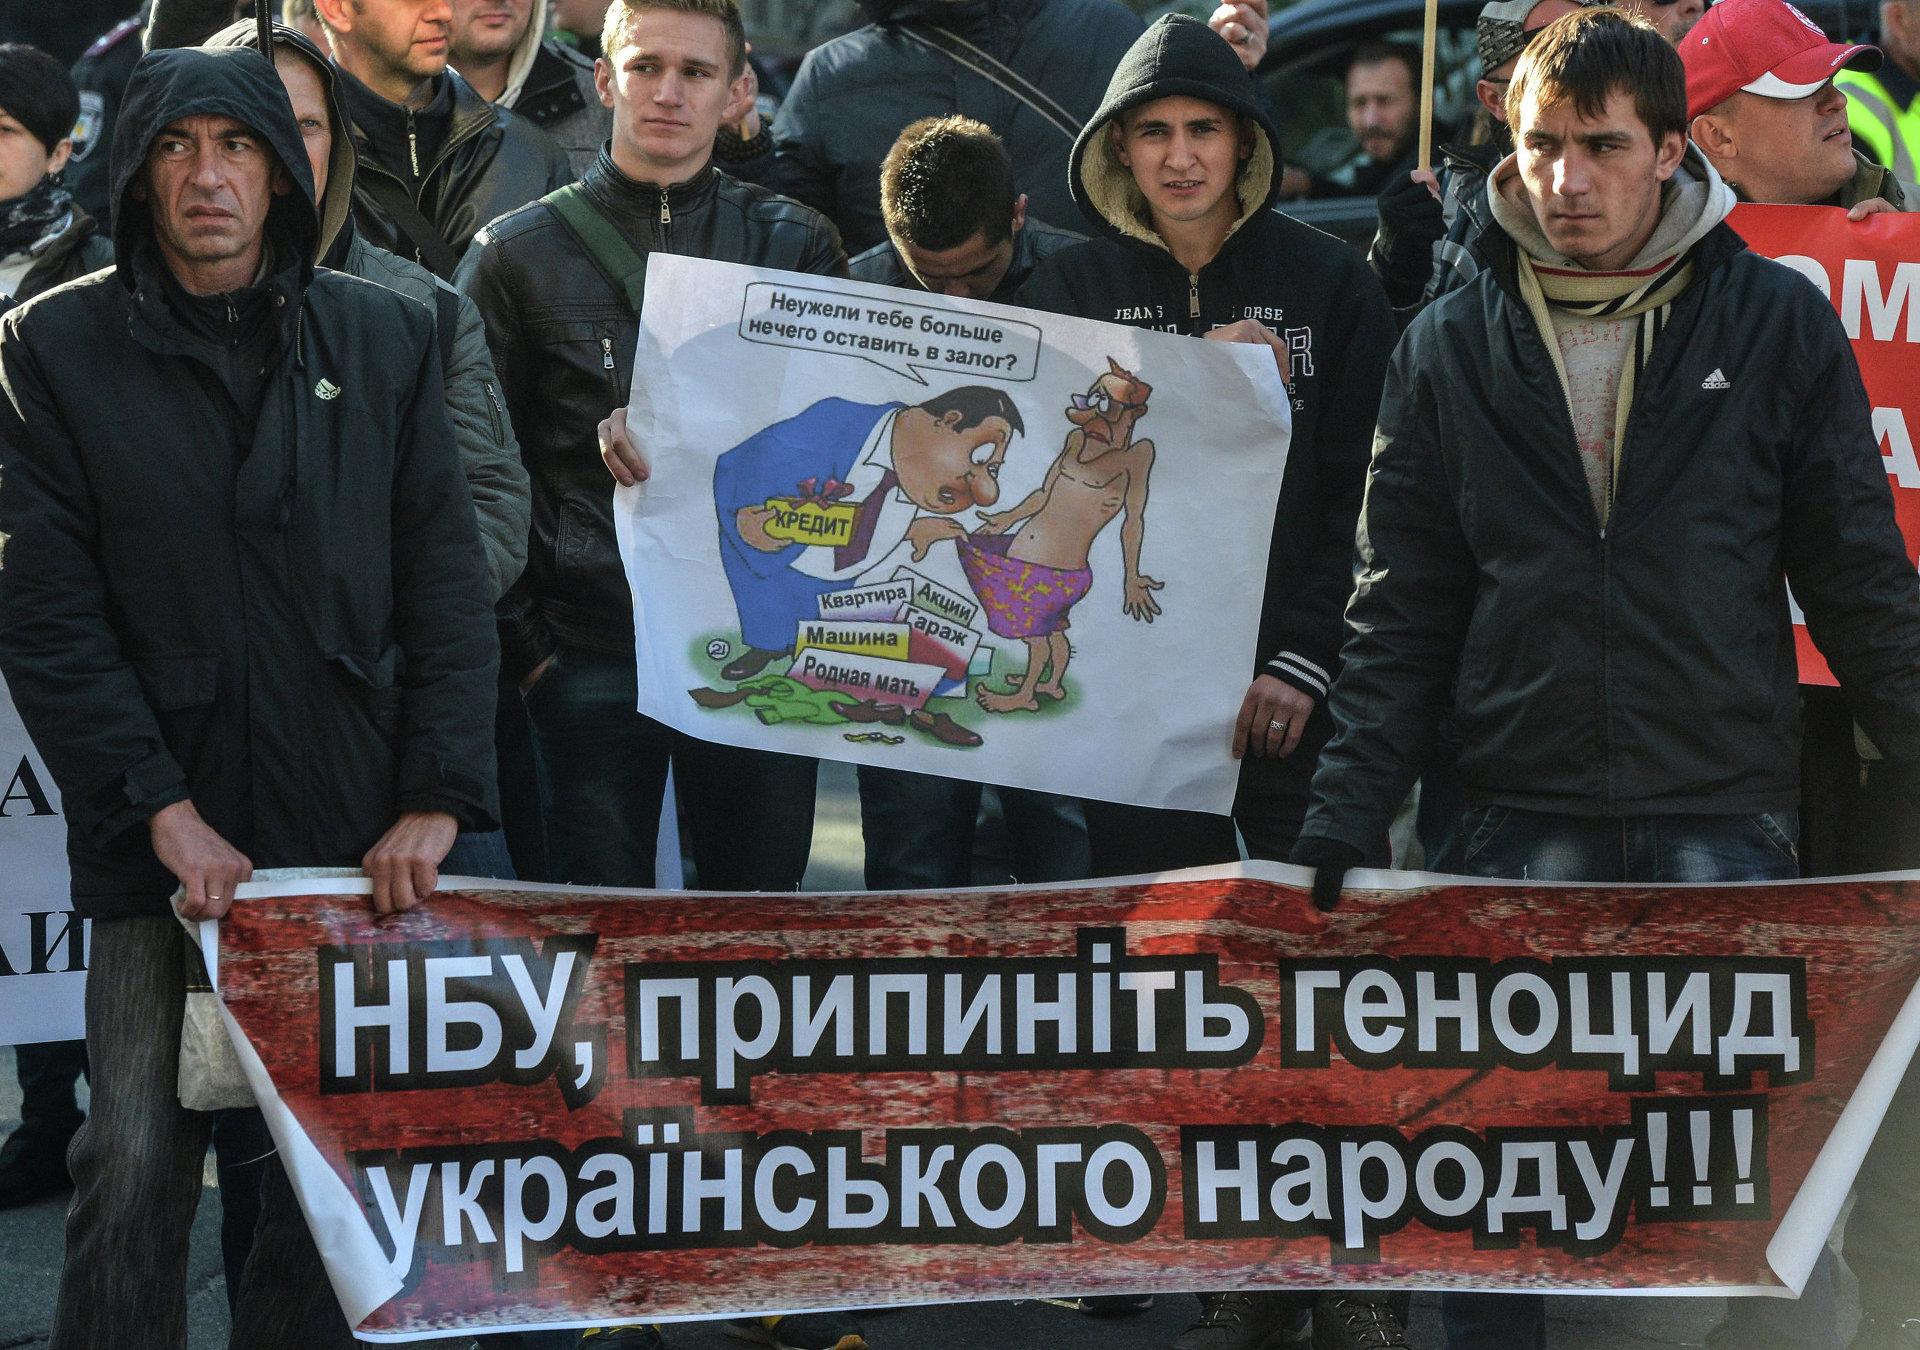 http://ukraina.ru/images/101112/19/1011121915.jpg